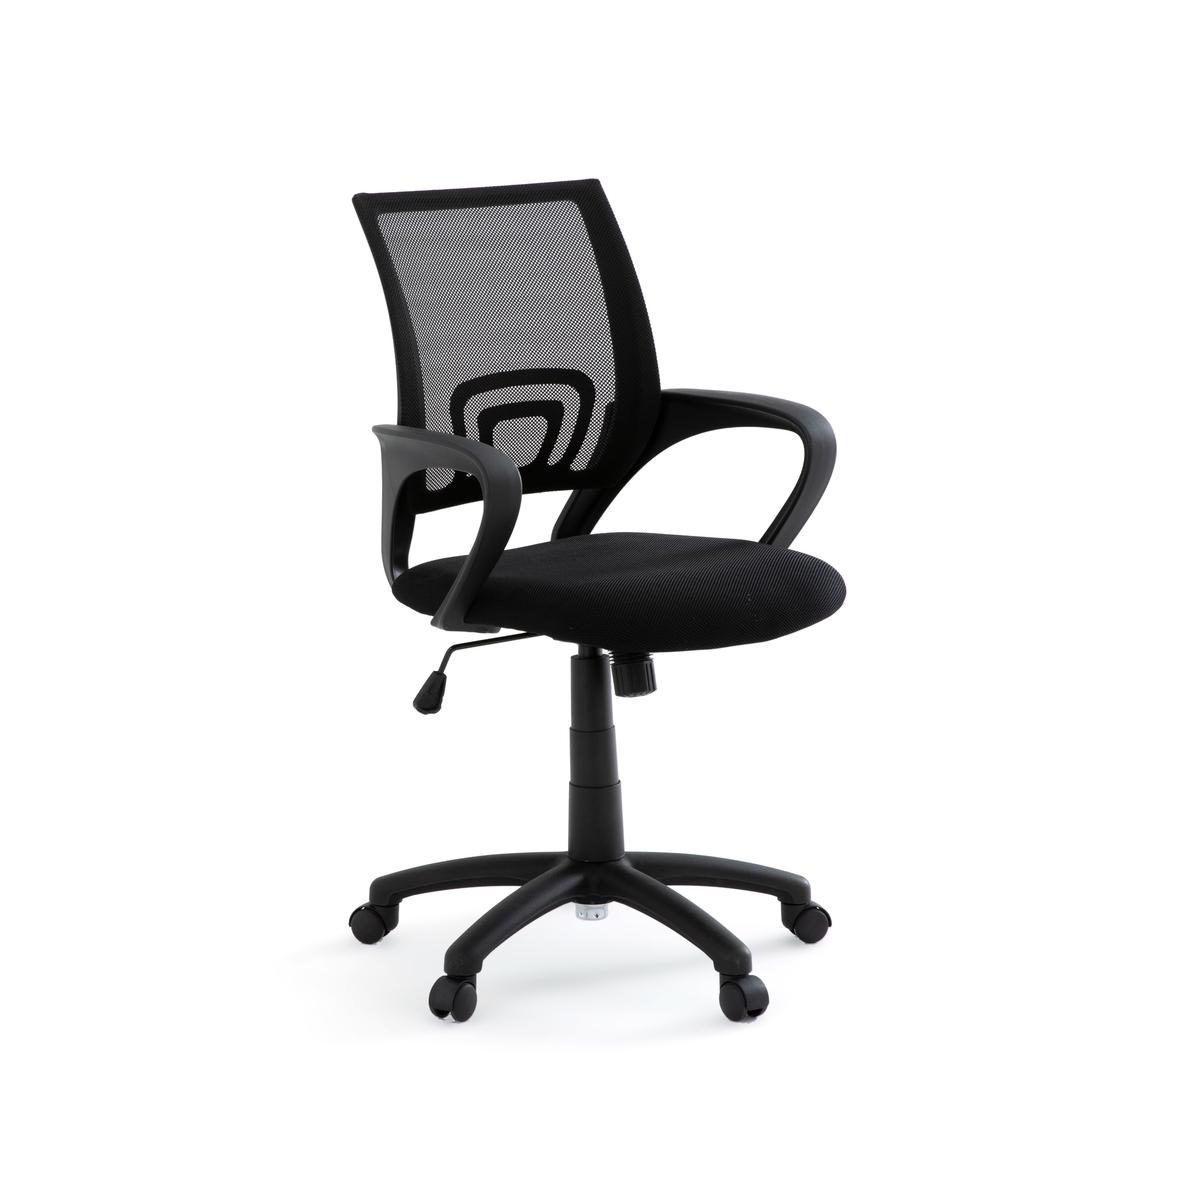 Кресло La Redoute Офисное вращающееся на колесиках Azzo единый размер черный блюдо vellarti бассет вращающееся диаметр 30 см 2170035